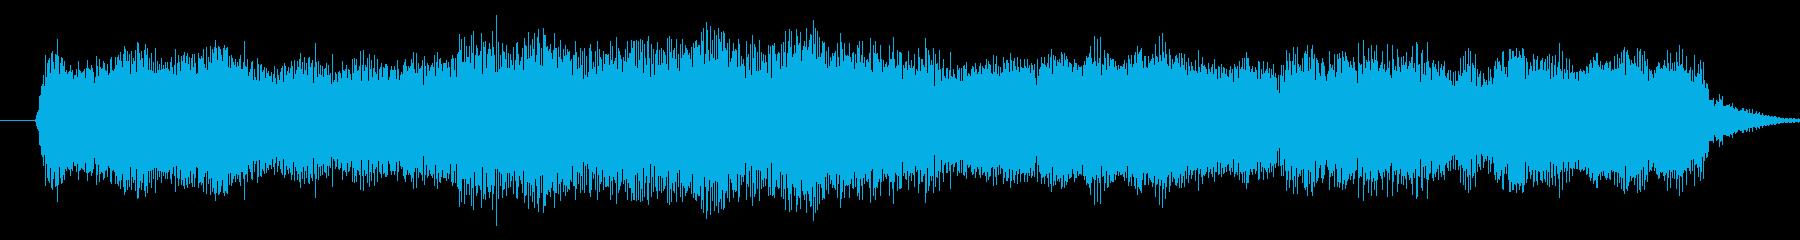 人物登場時などのジングルの再生済みの波形